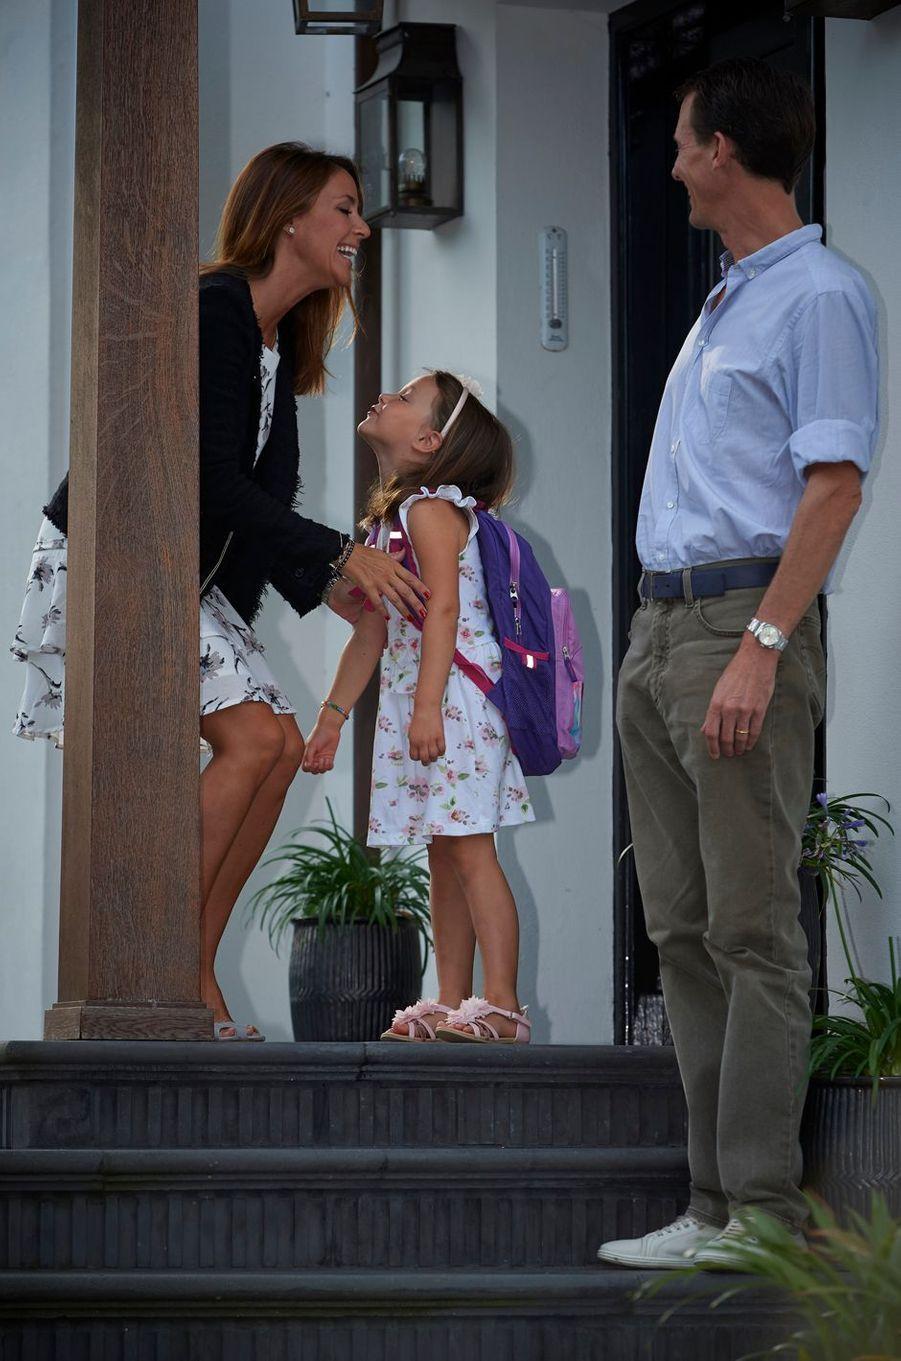 La princesse Marie et le prince Joachim de Danemark avec leur fille la princesse Athena à Copenhague, le 11 août 2017